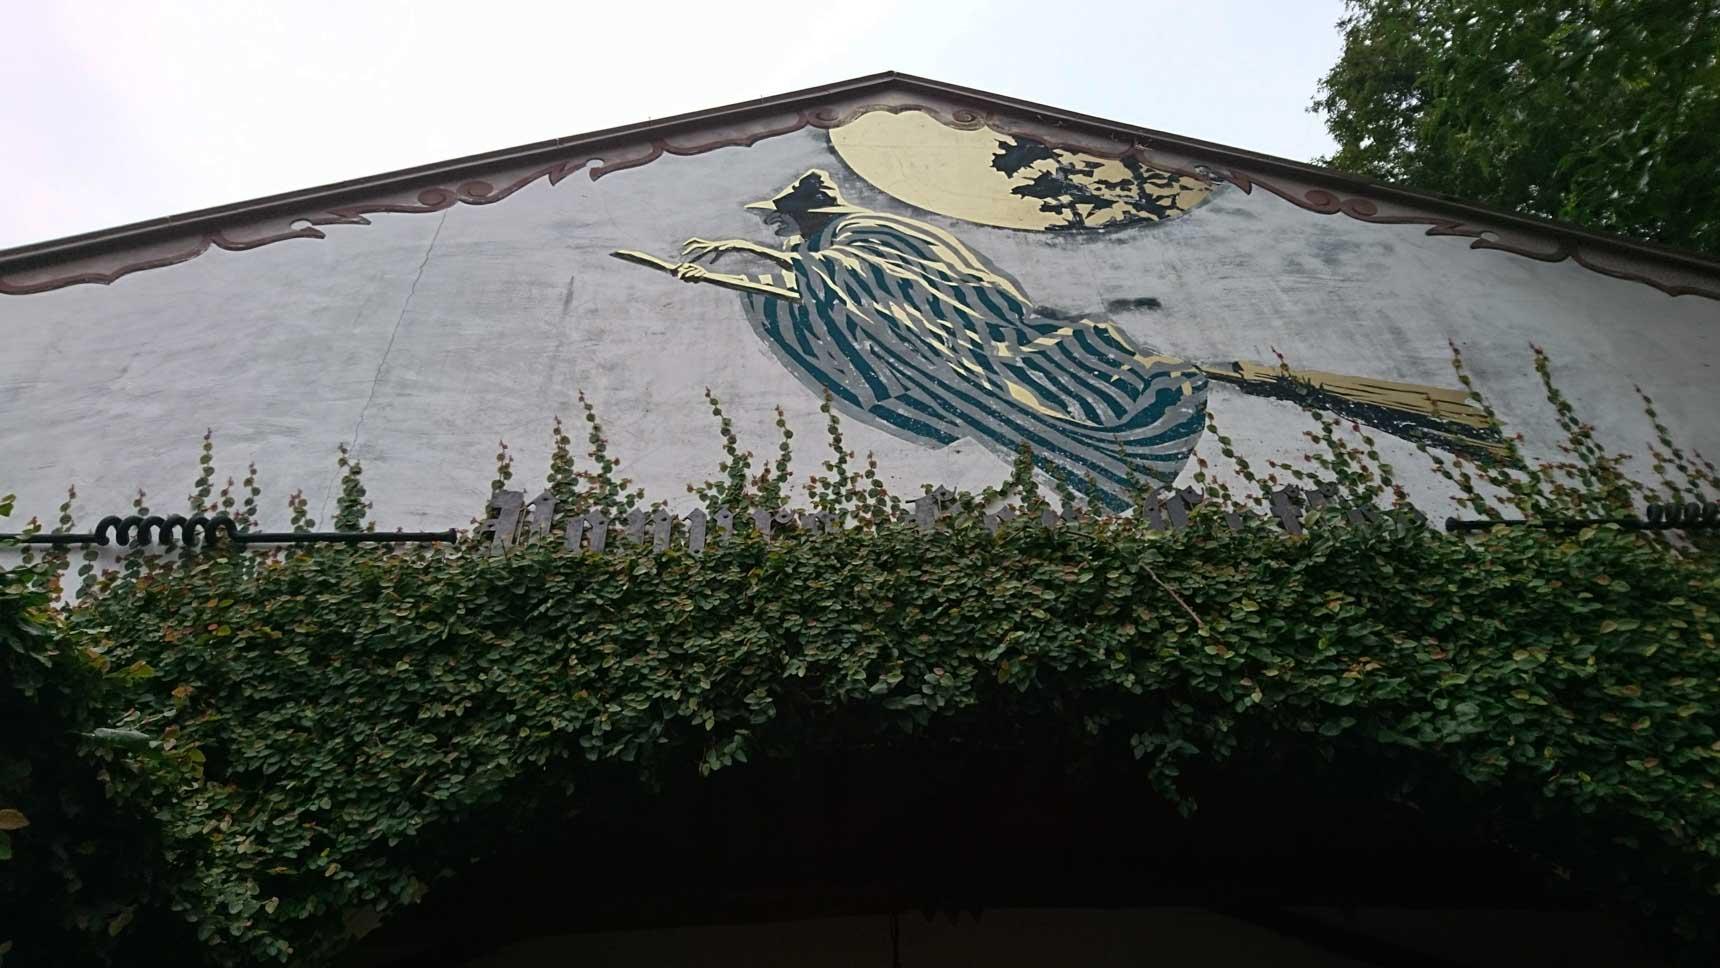 外壁に描かれた魔女の絵がお出迎え。グリム童話の「命の水」がモチーフになっているそう